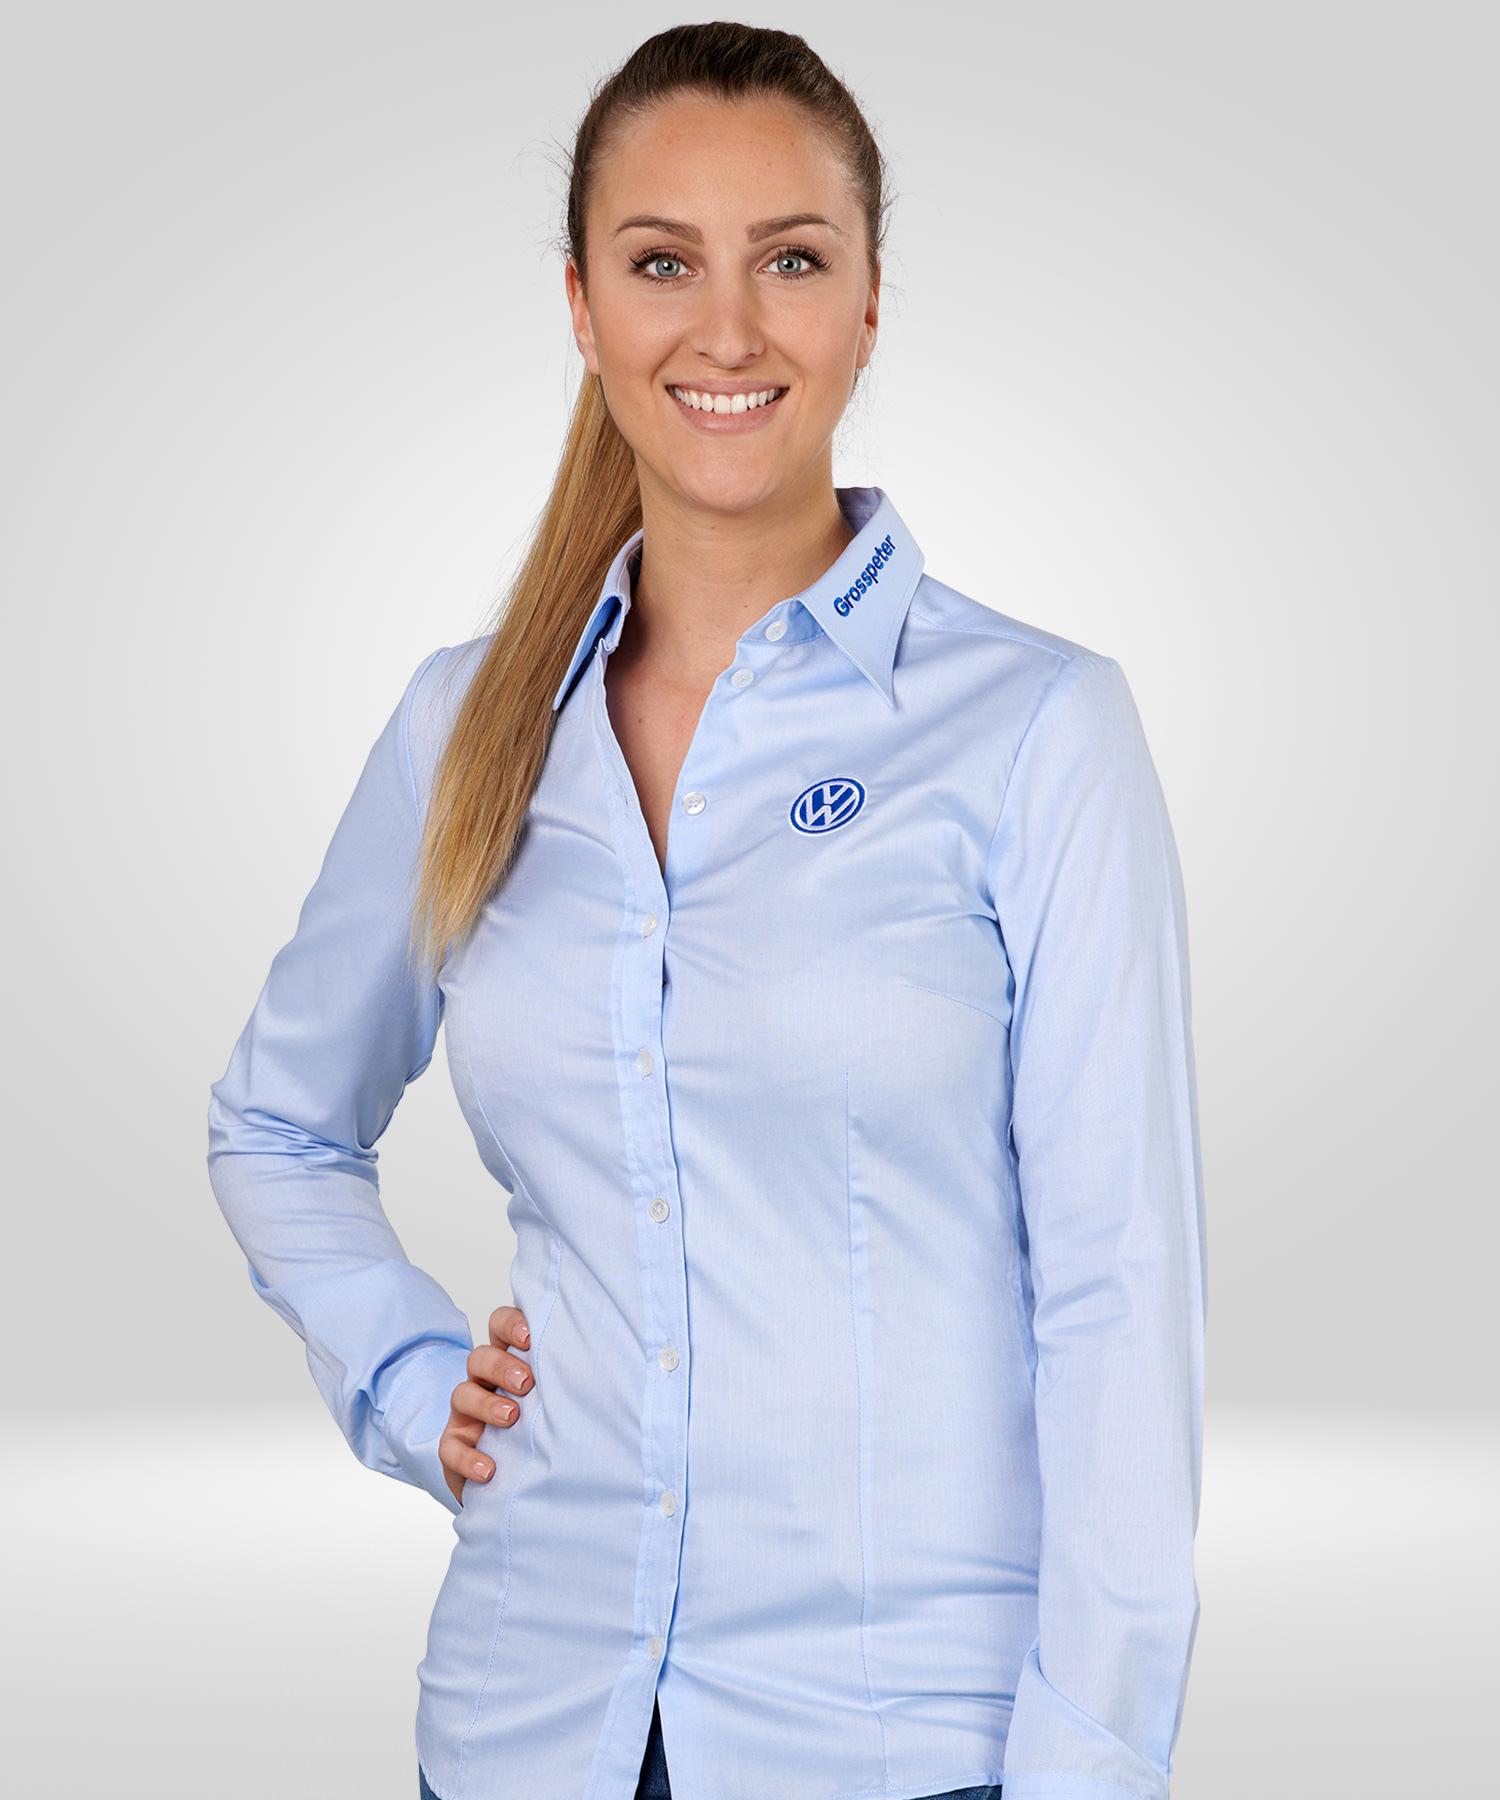 f7da89d39c337d Damenblusen und Herrenhemden: Mit einer edlen Logostickerei für den  gehobenen Firmenauftritt!